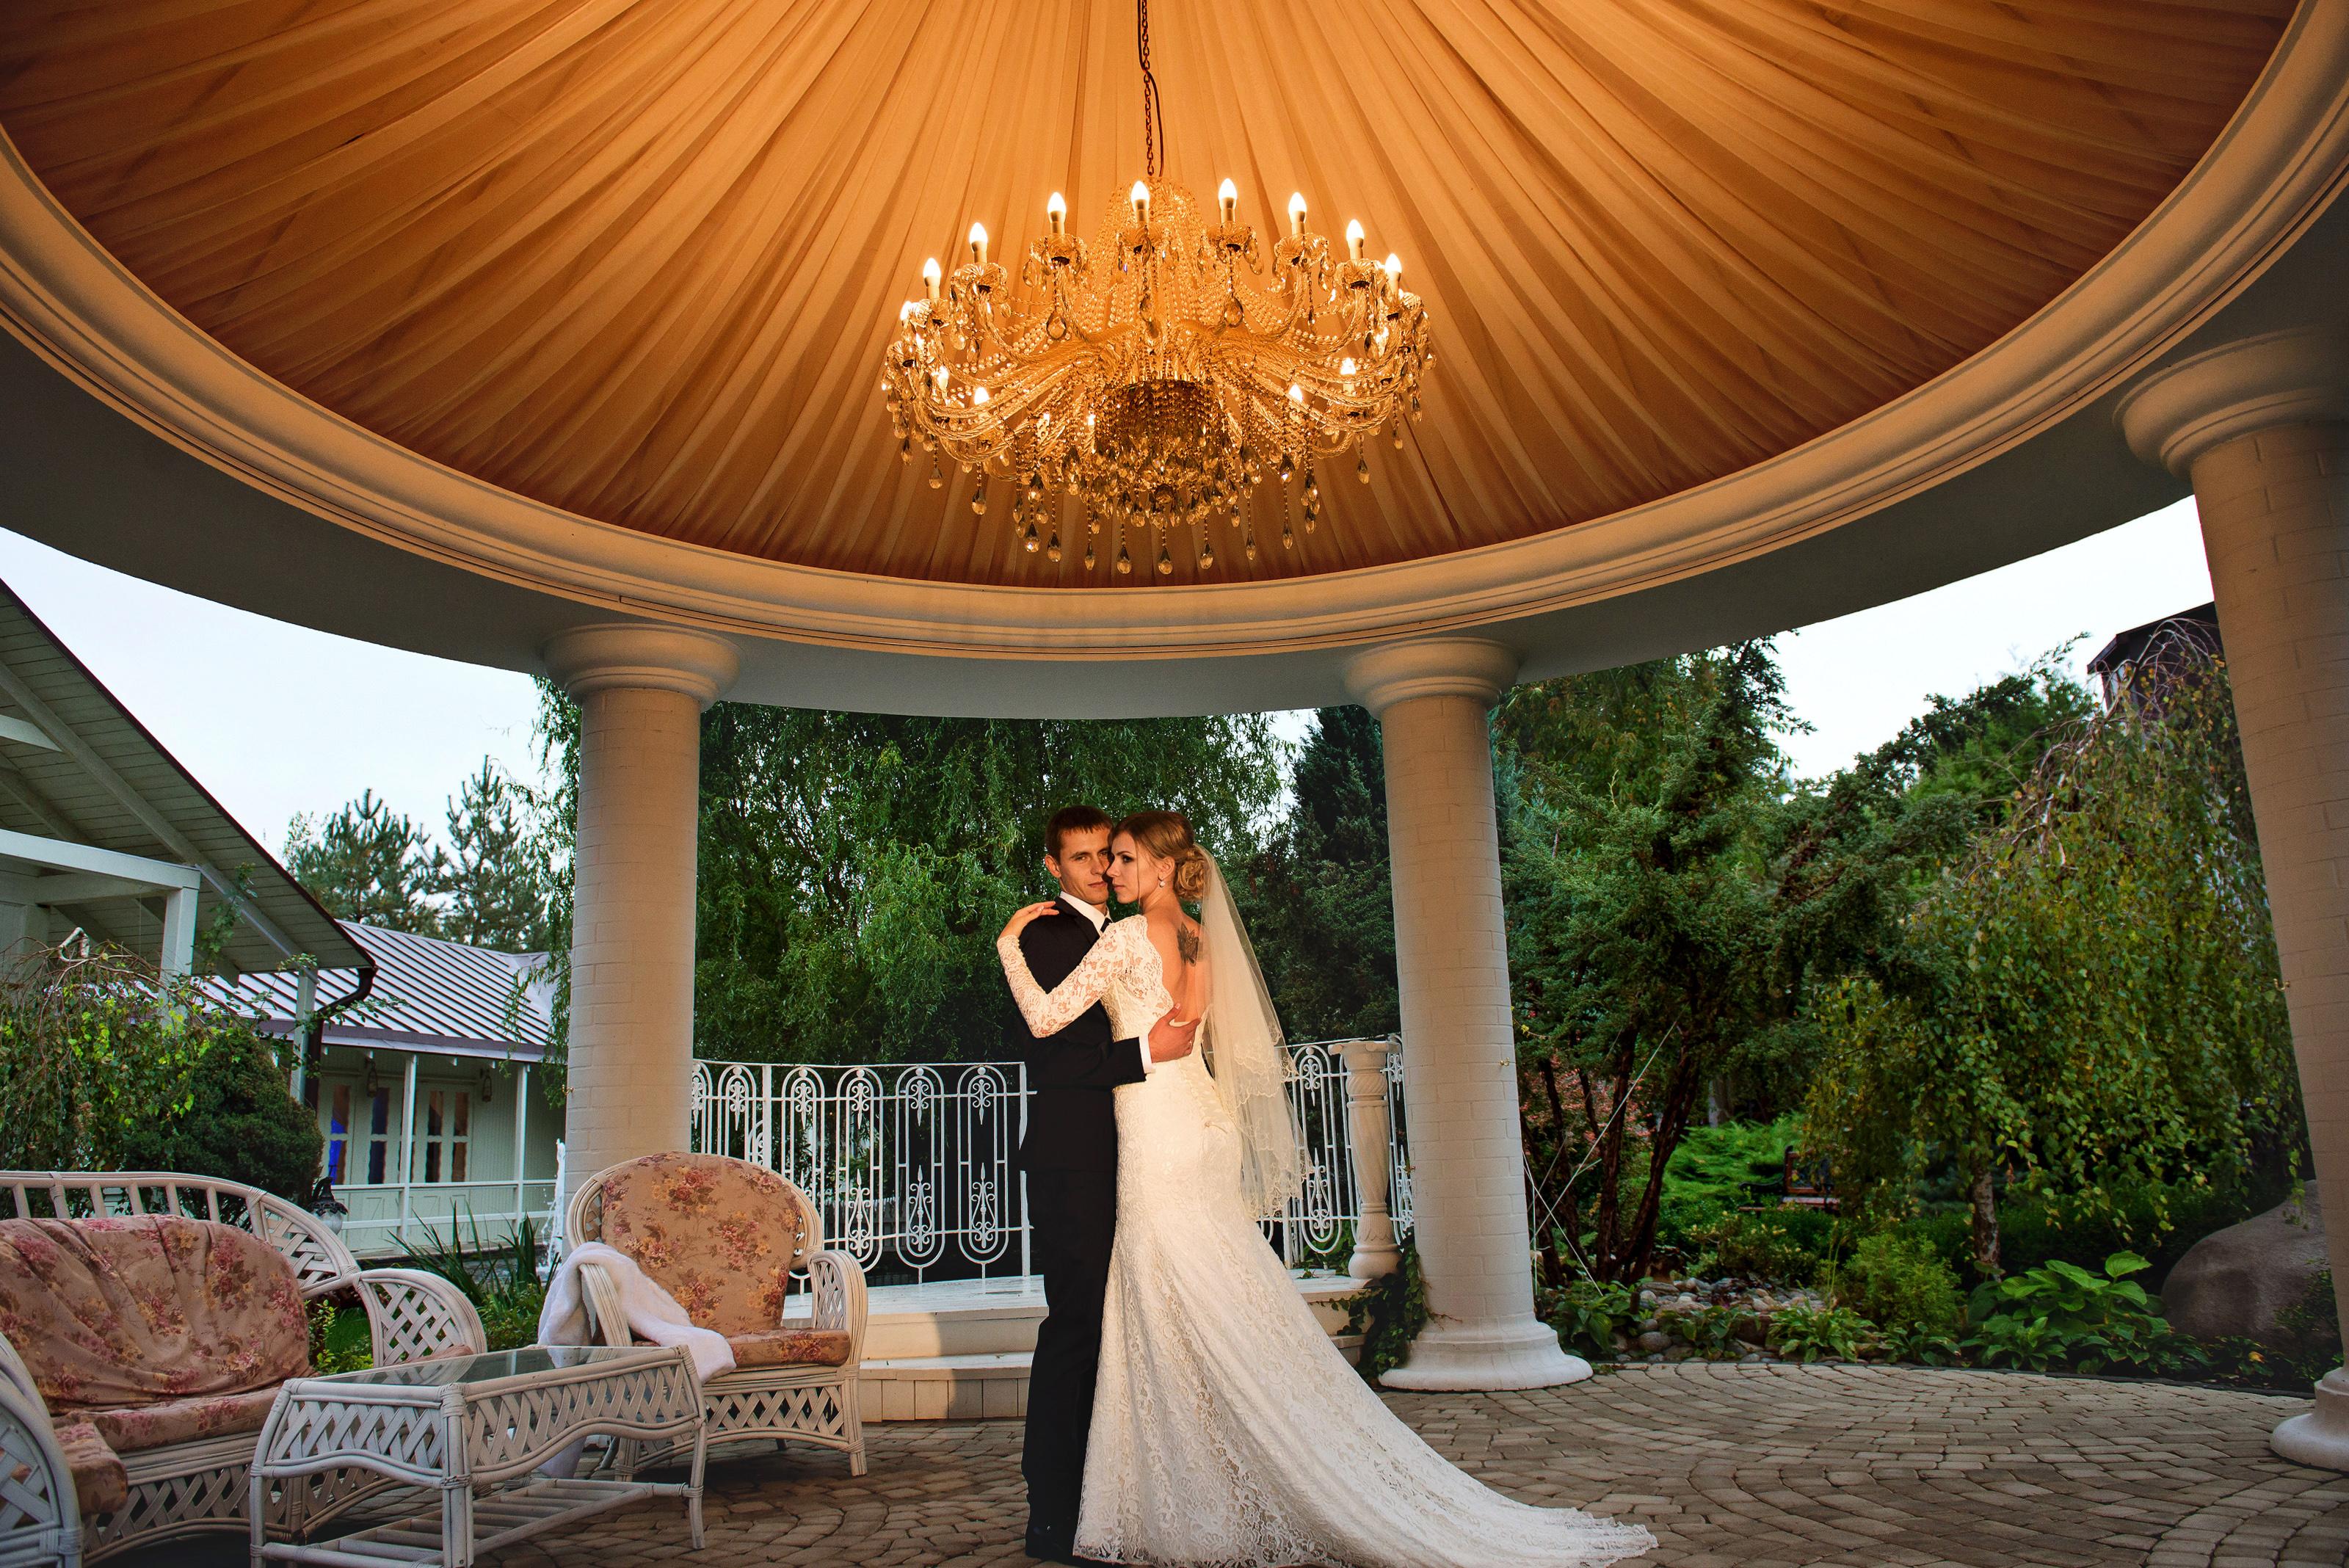 сегодняшний свадебные фотографы ростова на дону работы самые умные спортсменов